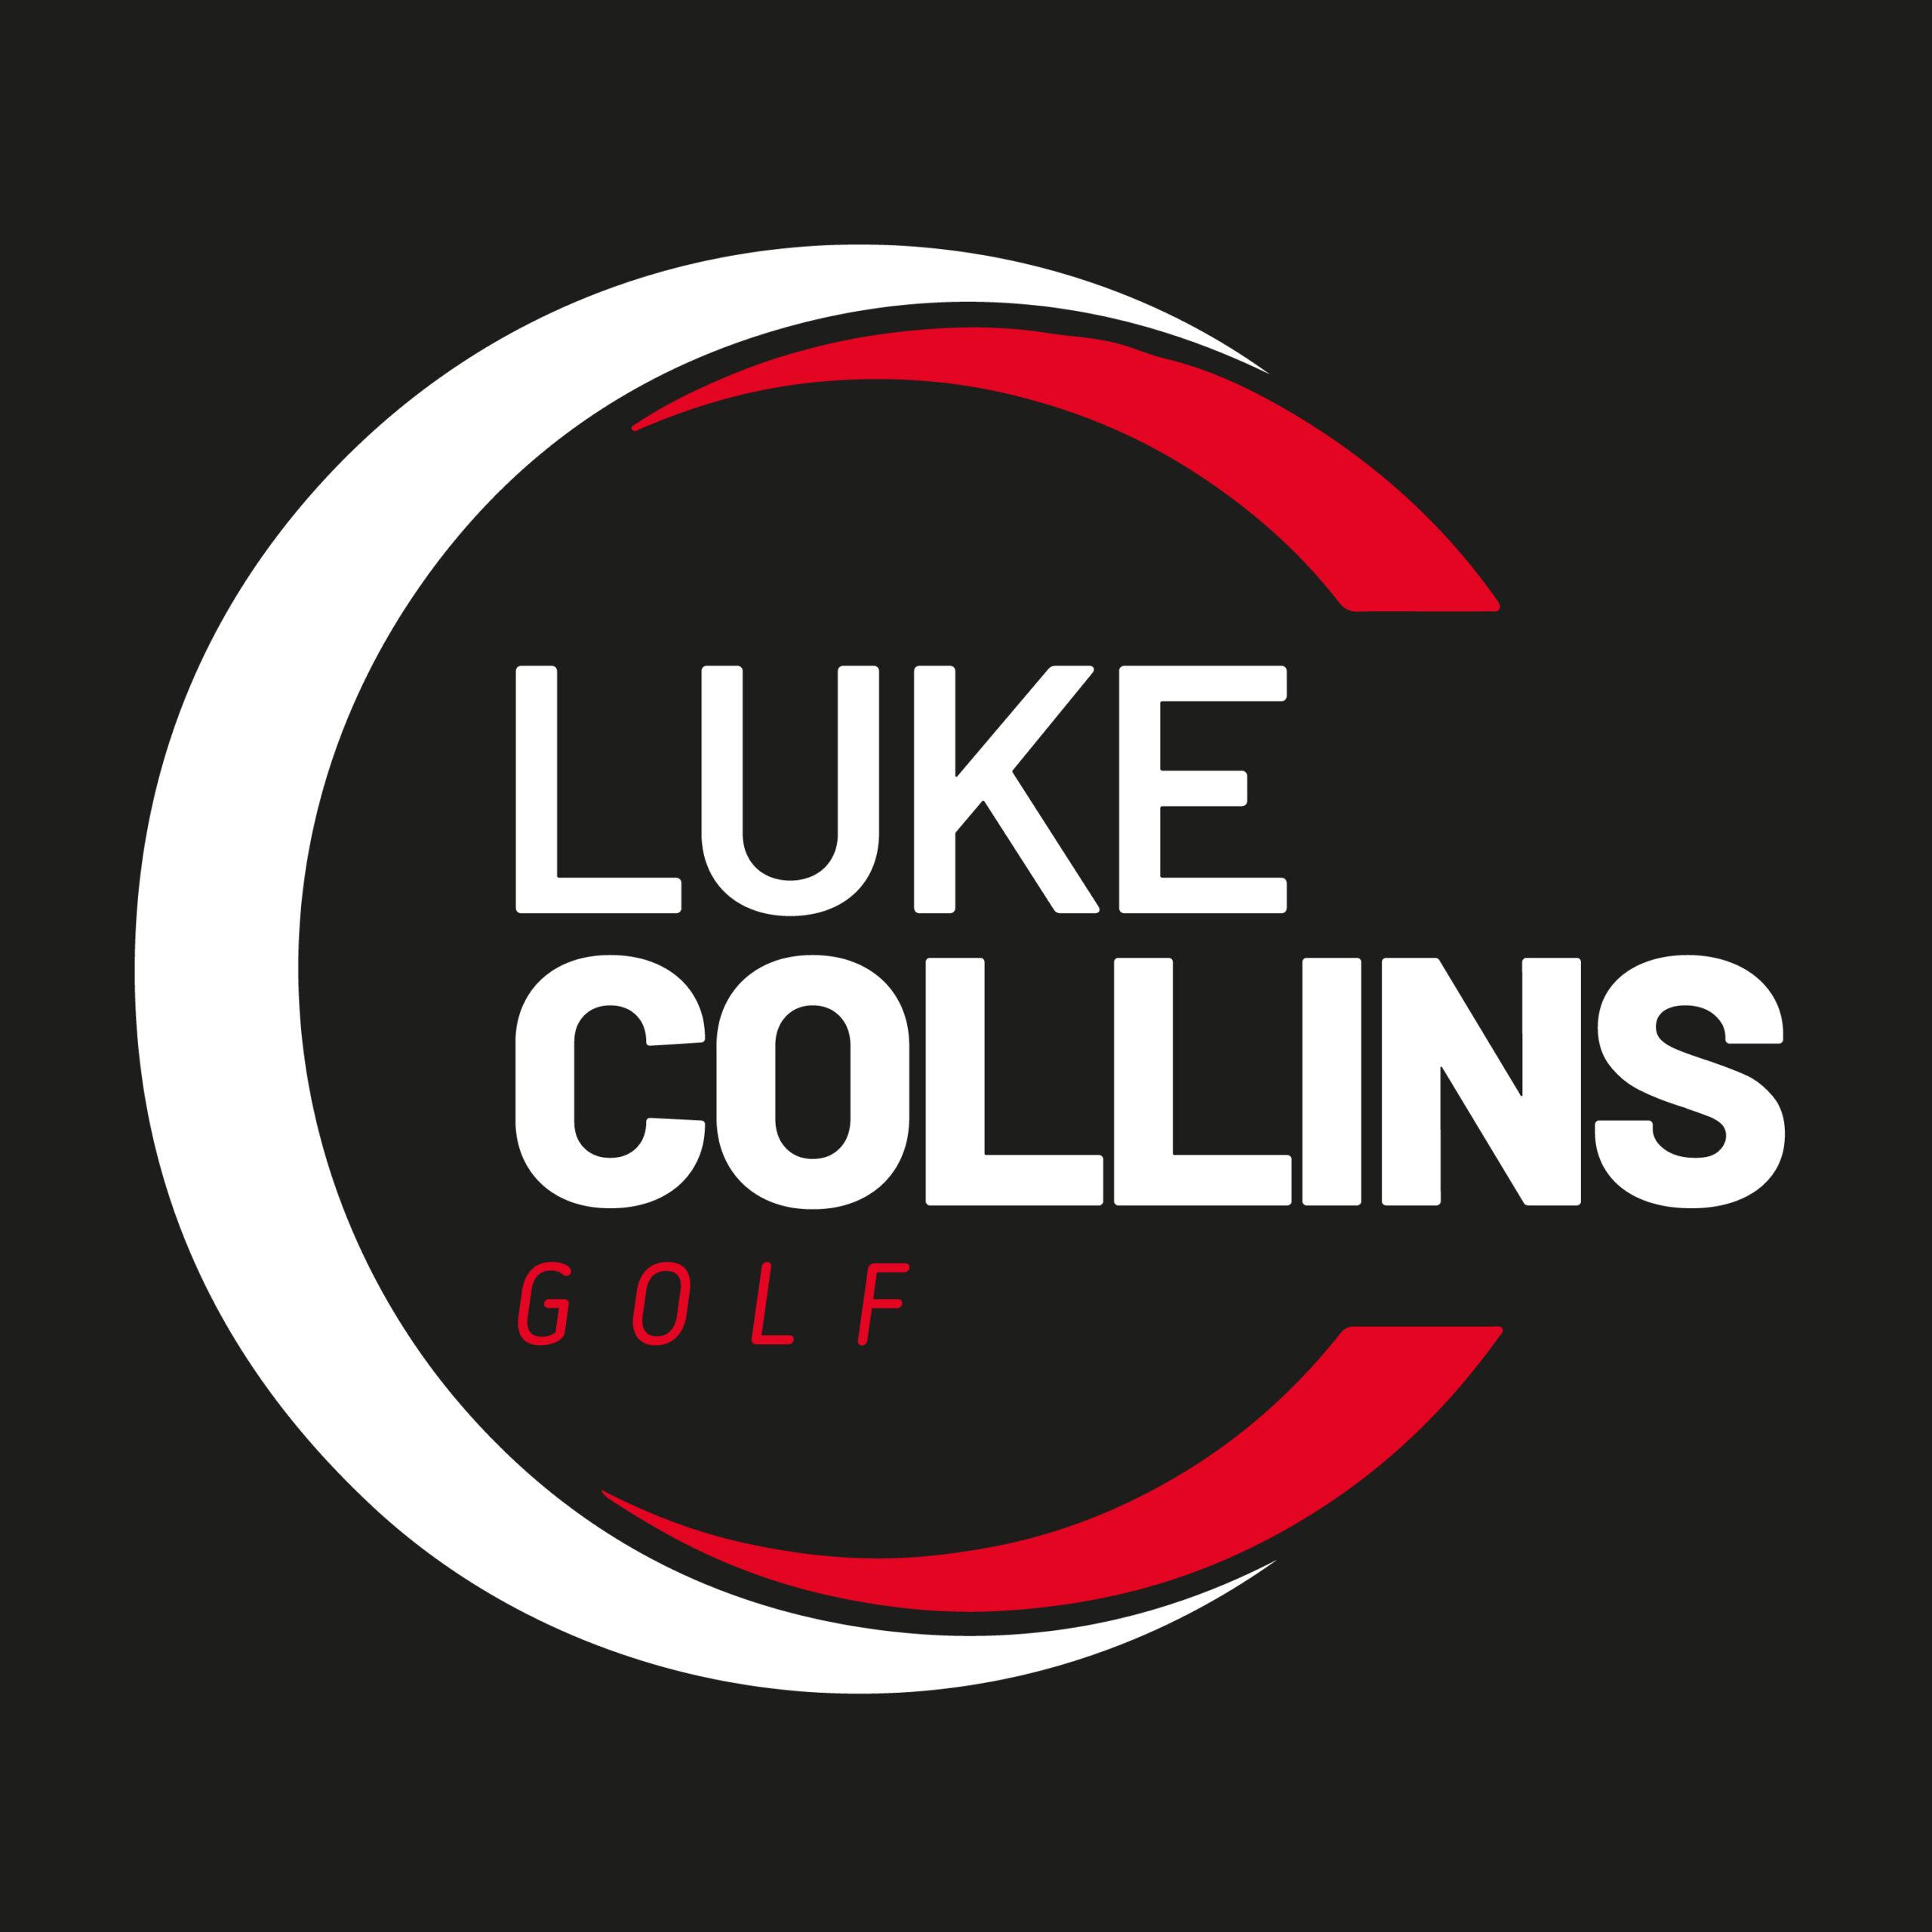 luke collins full size golf logo